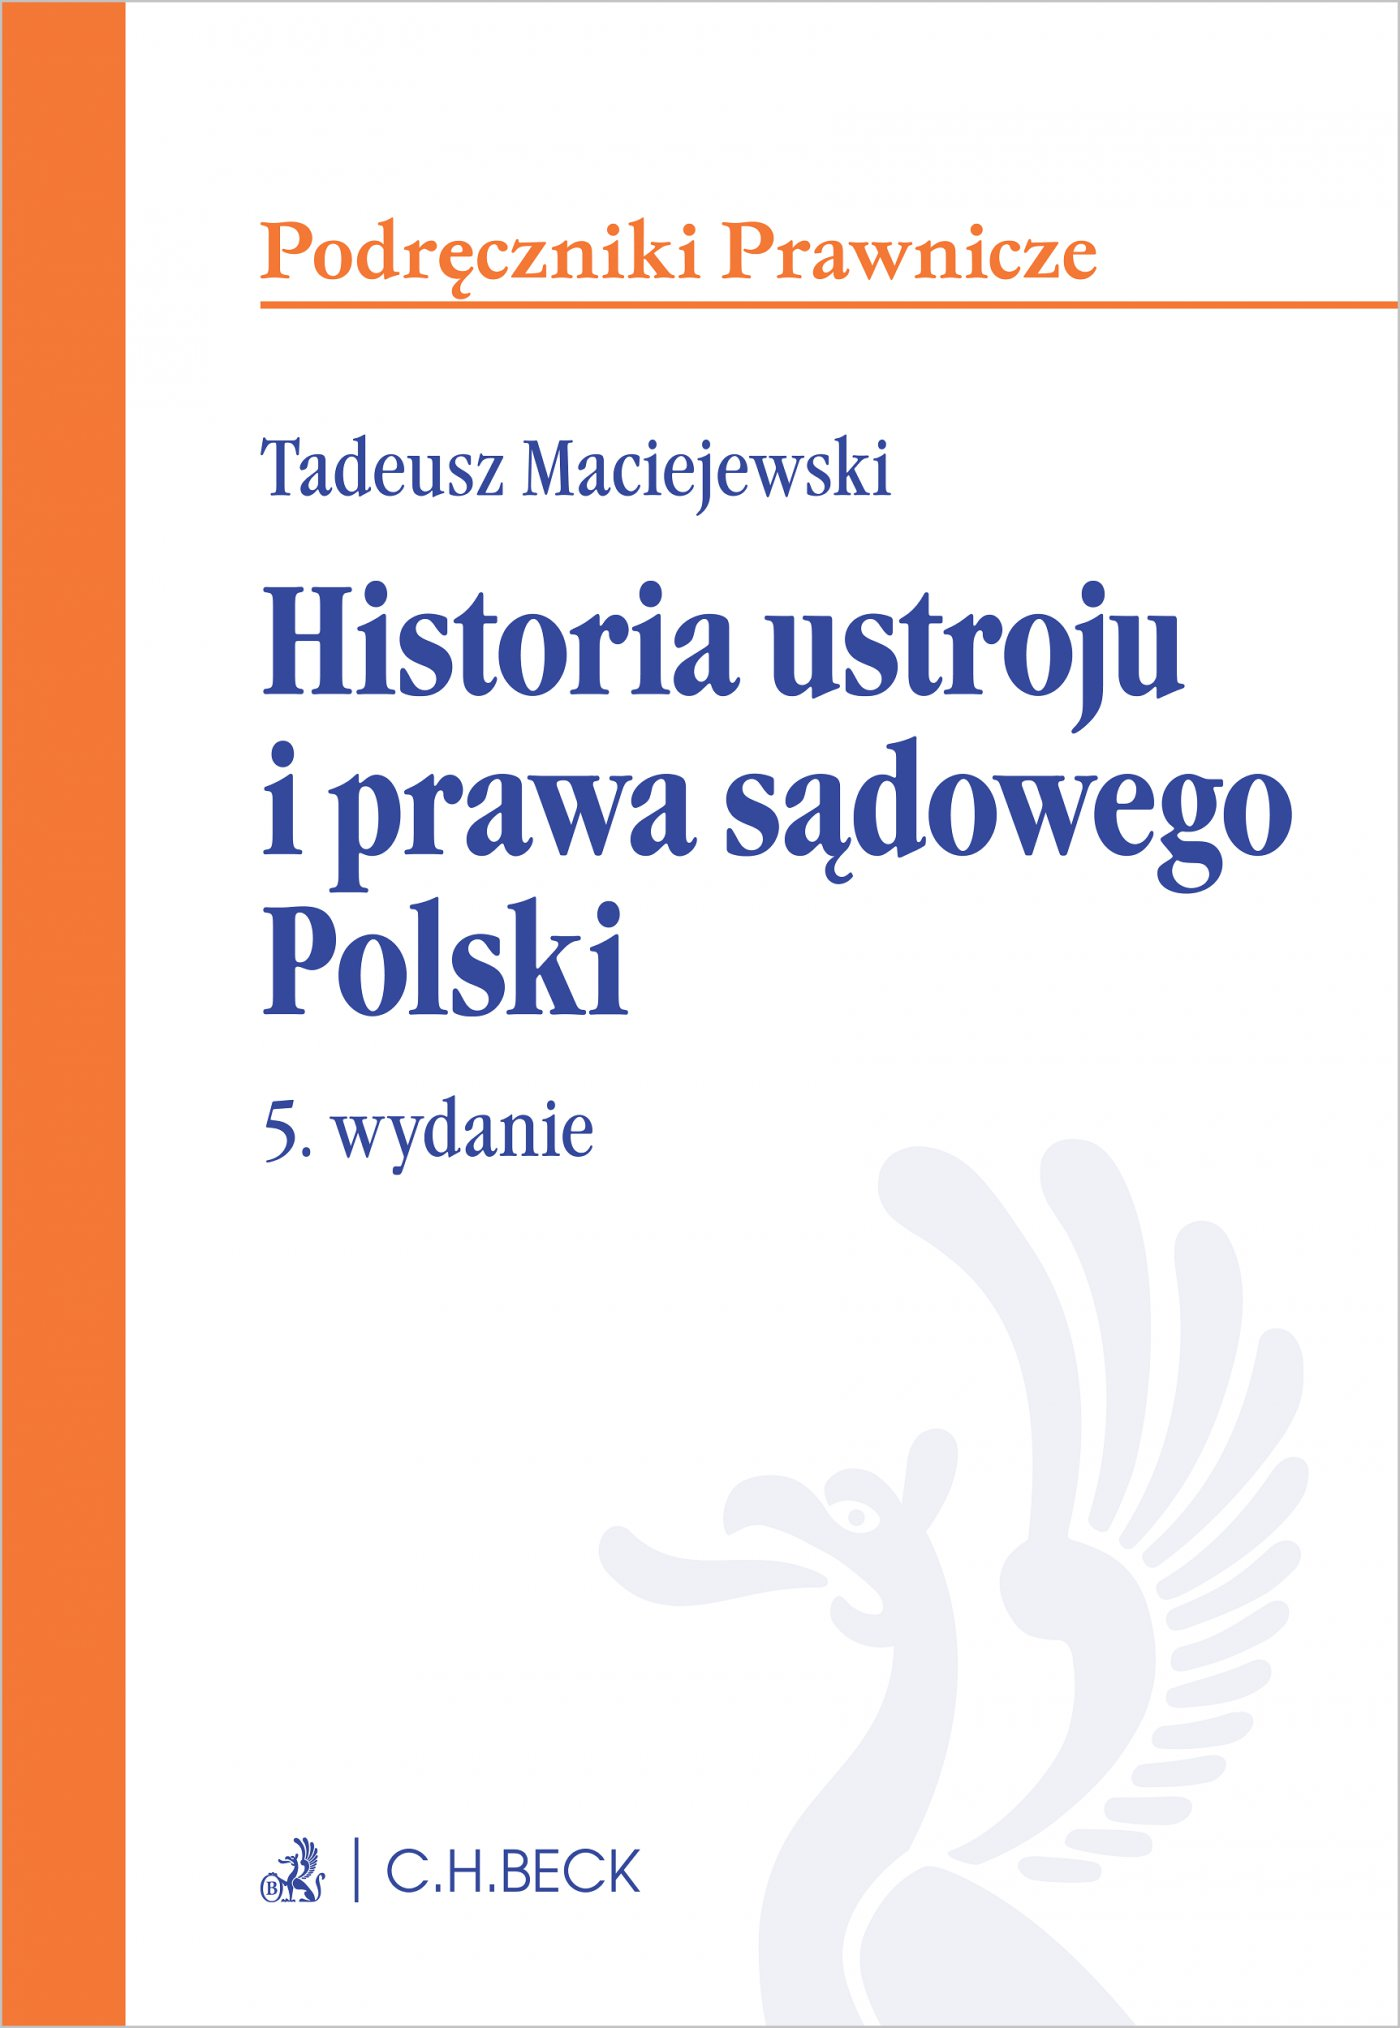 Historia ustroju i prawa sądowego Polski. Wydanie 5 - Ebook (Książka PDF) do pobrania w formacie PDF